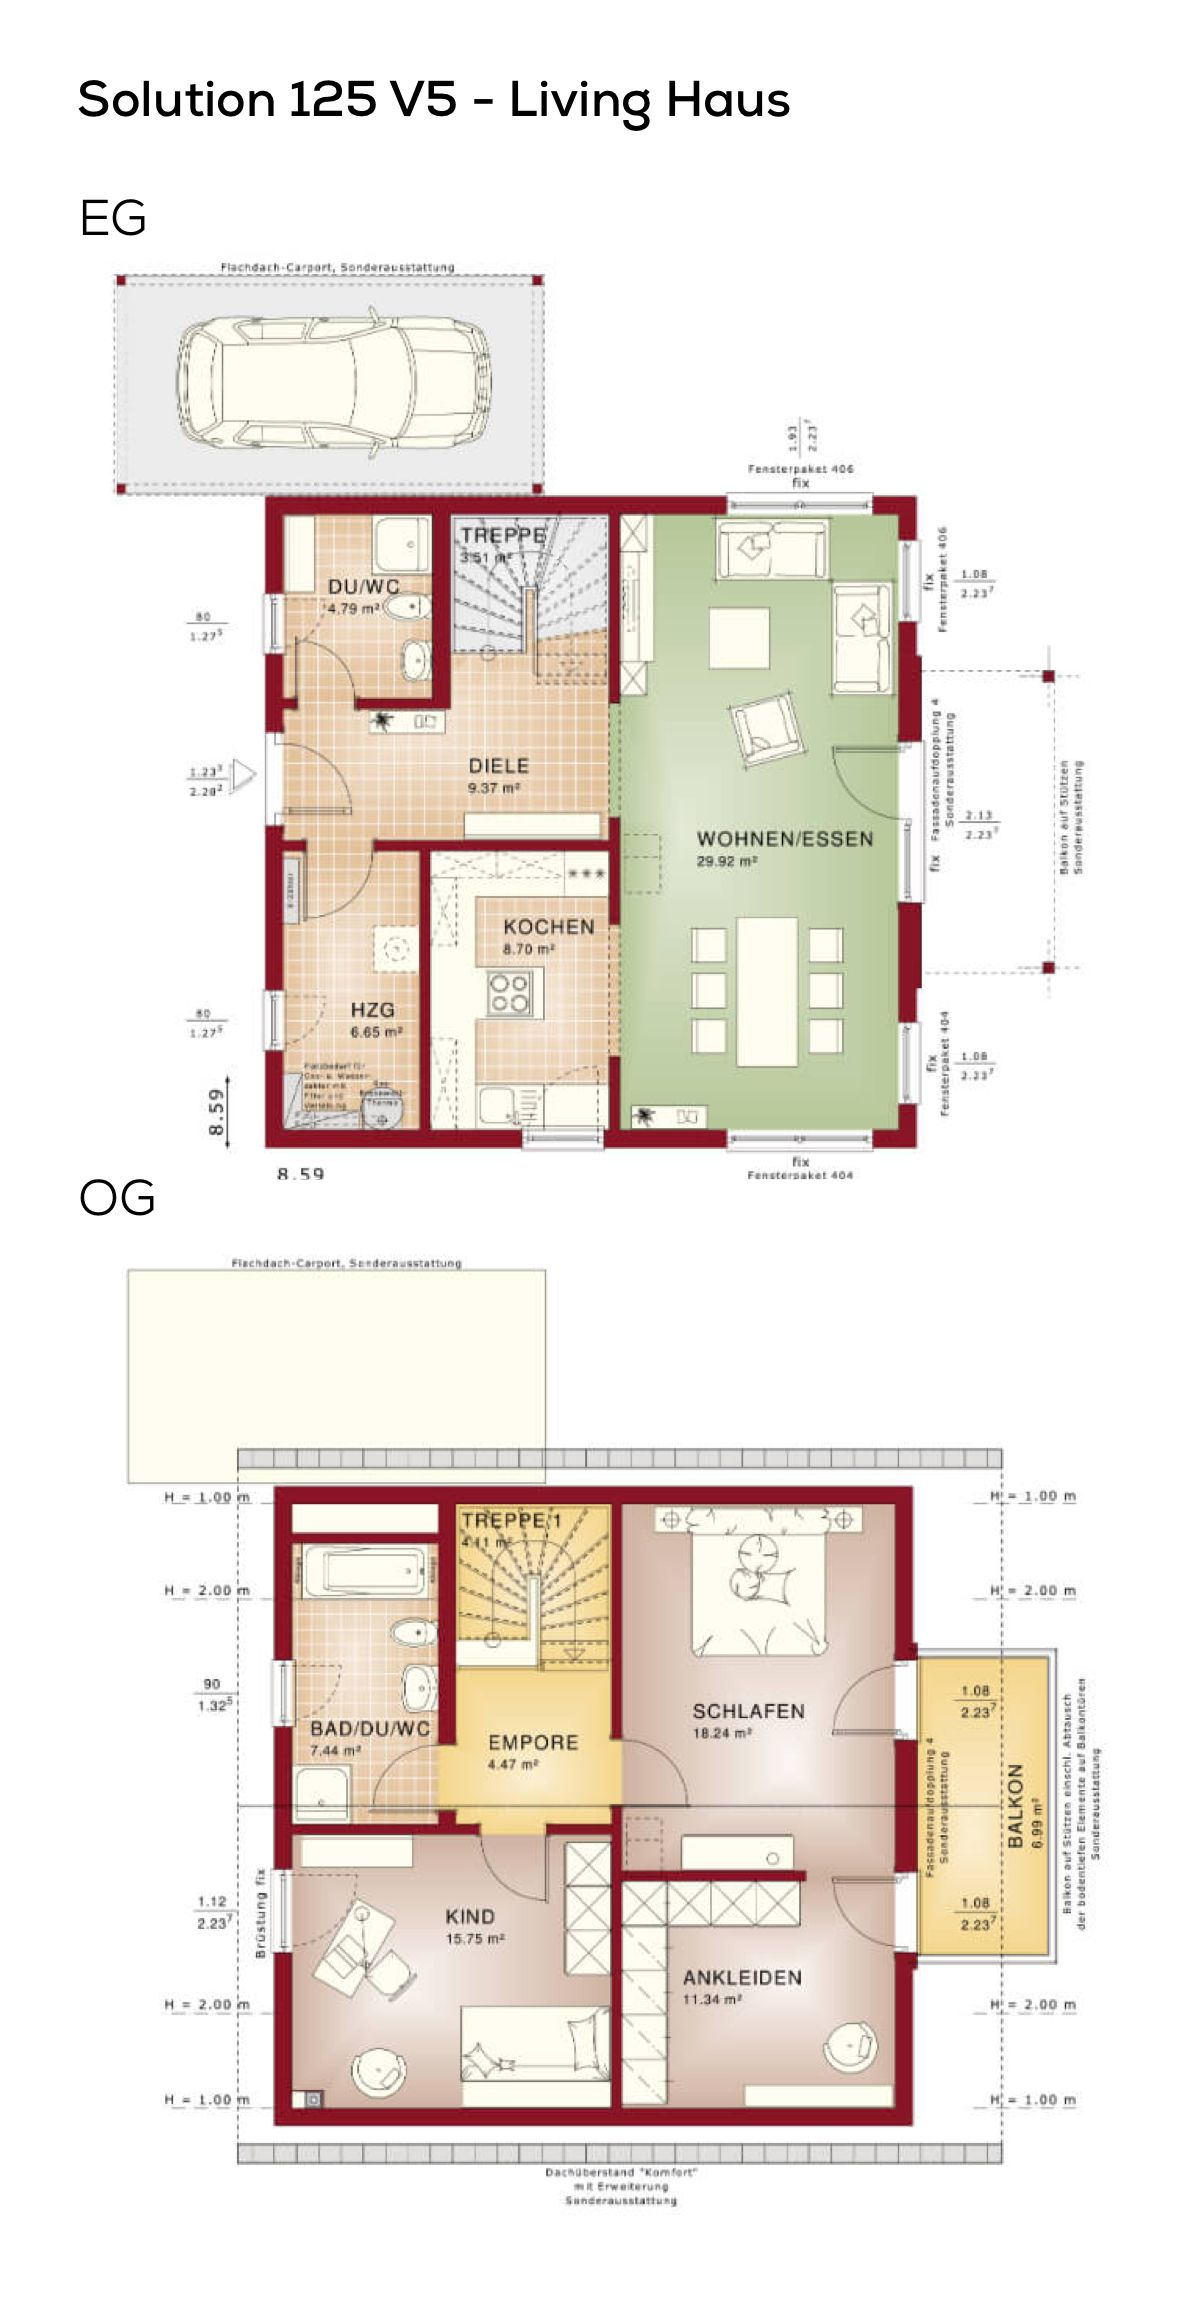 Grundriss Einfamilienhaus mit Satteldach & Carport - 3 Zimmer, 124 ...